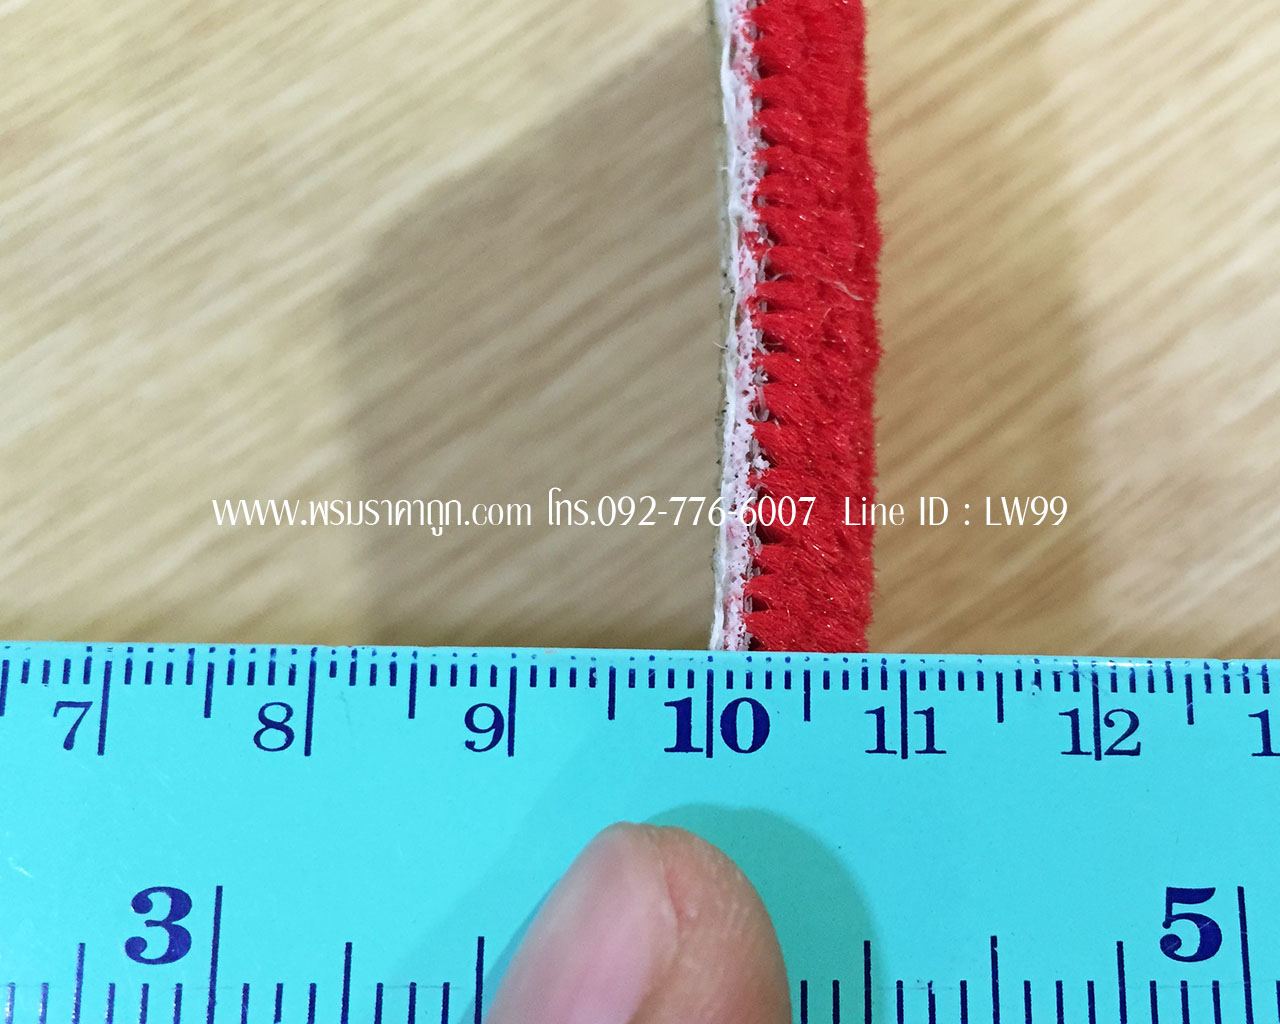 พรมแดงปูพื้นอุโบสถสีแดงสด หนา8มิลลิเมตร